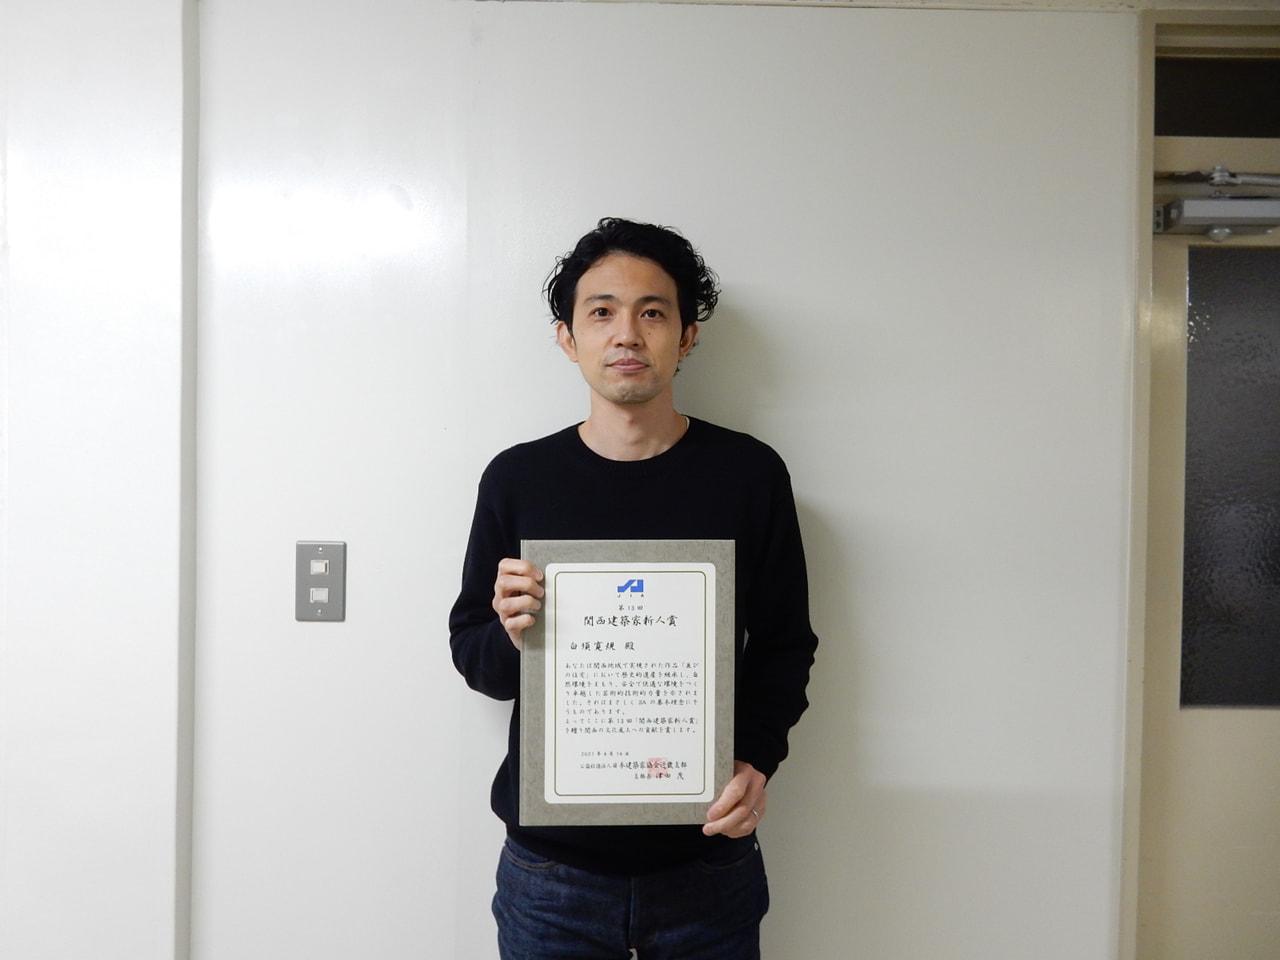 白須先生が「関西建築家新人賞」を受賞されました。